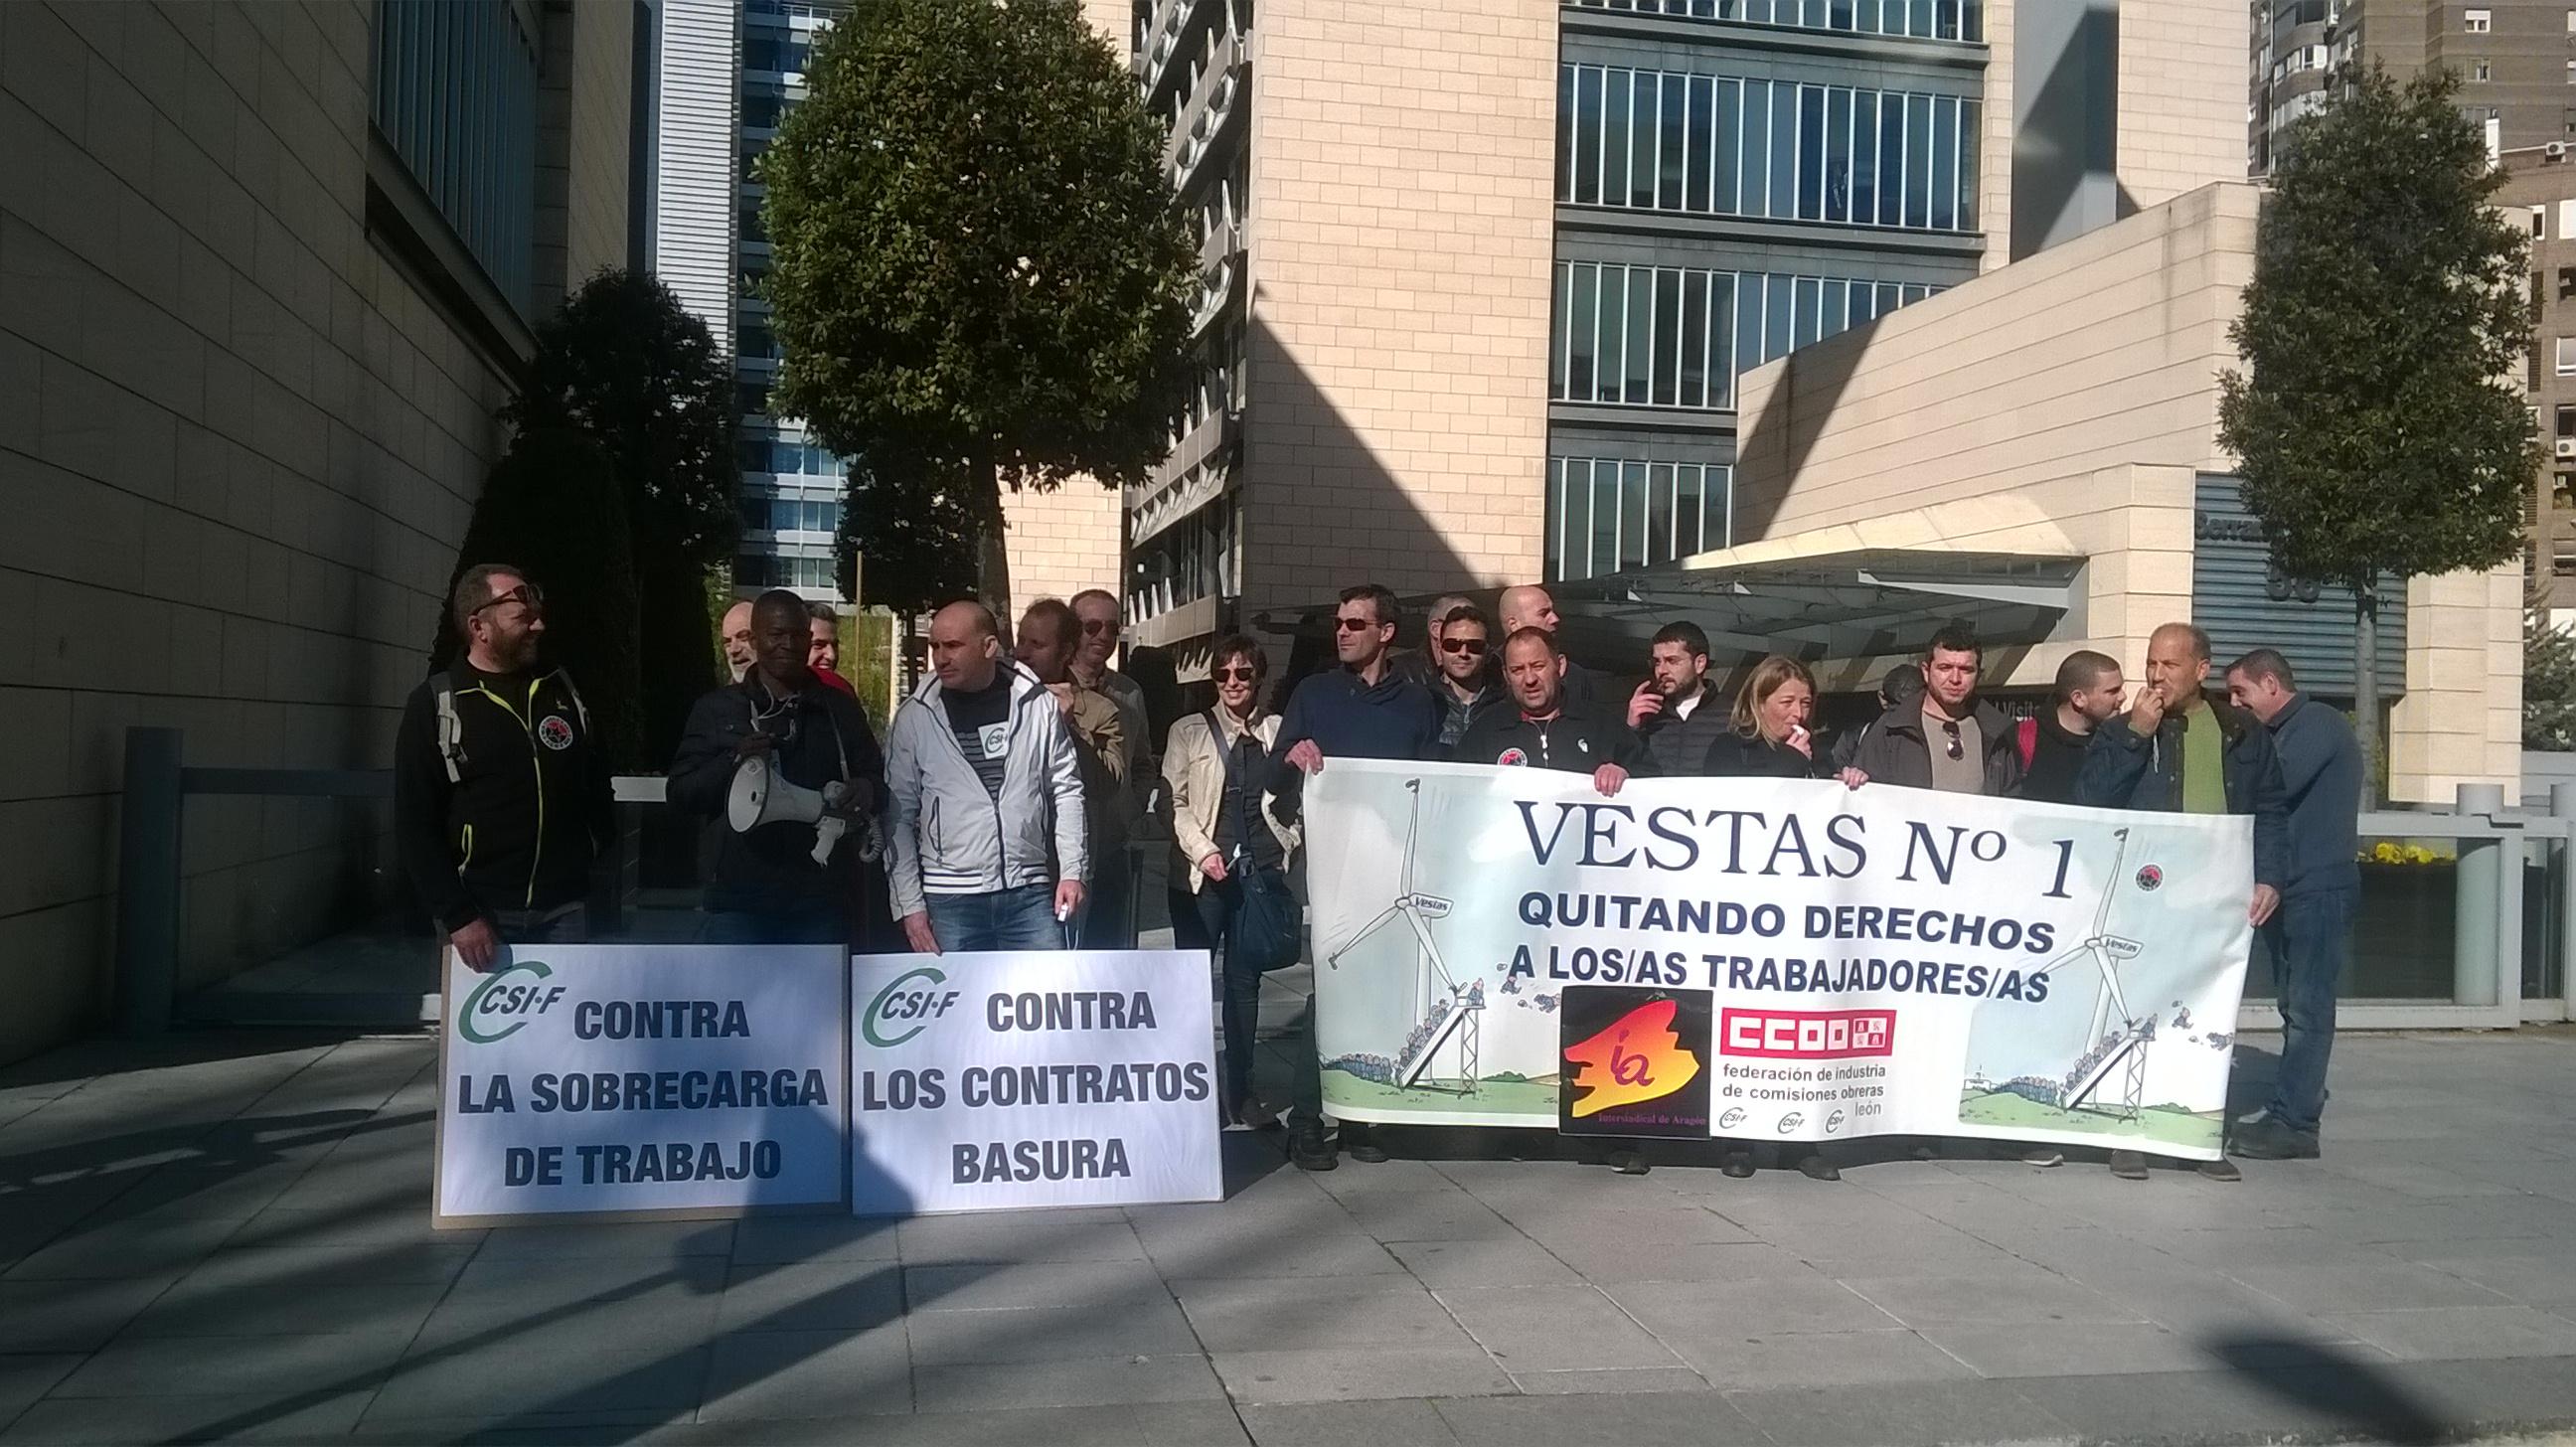 Concentración en Madrid. (videos y fotos) VESTAS EOLICA Nº1, QUITANDO DERECHOS A LOS/AS TRABAJADORES/AS